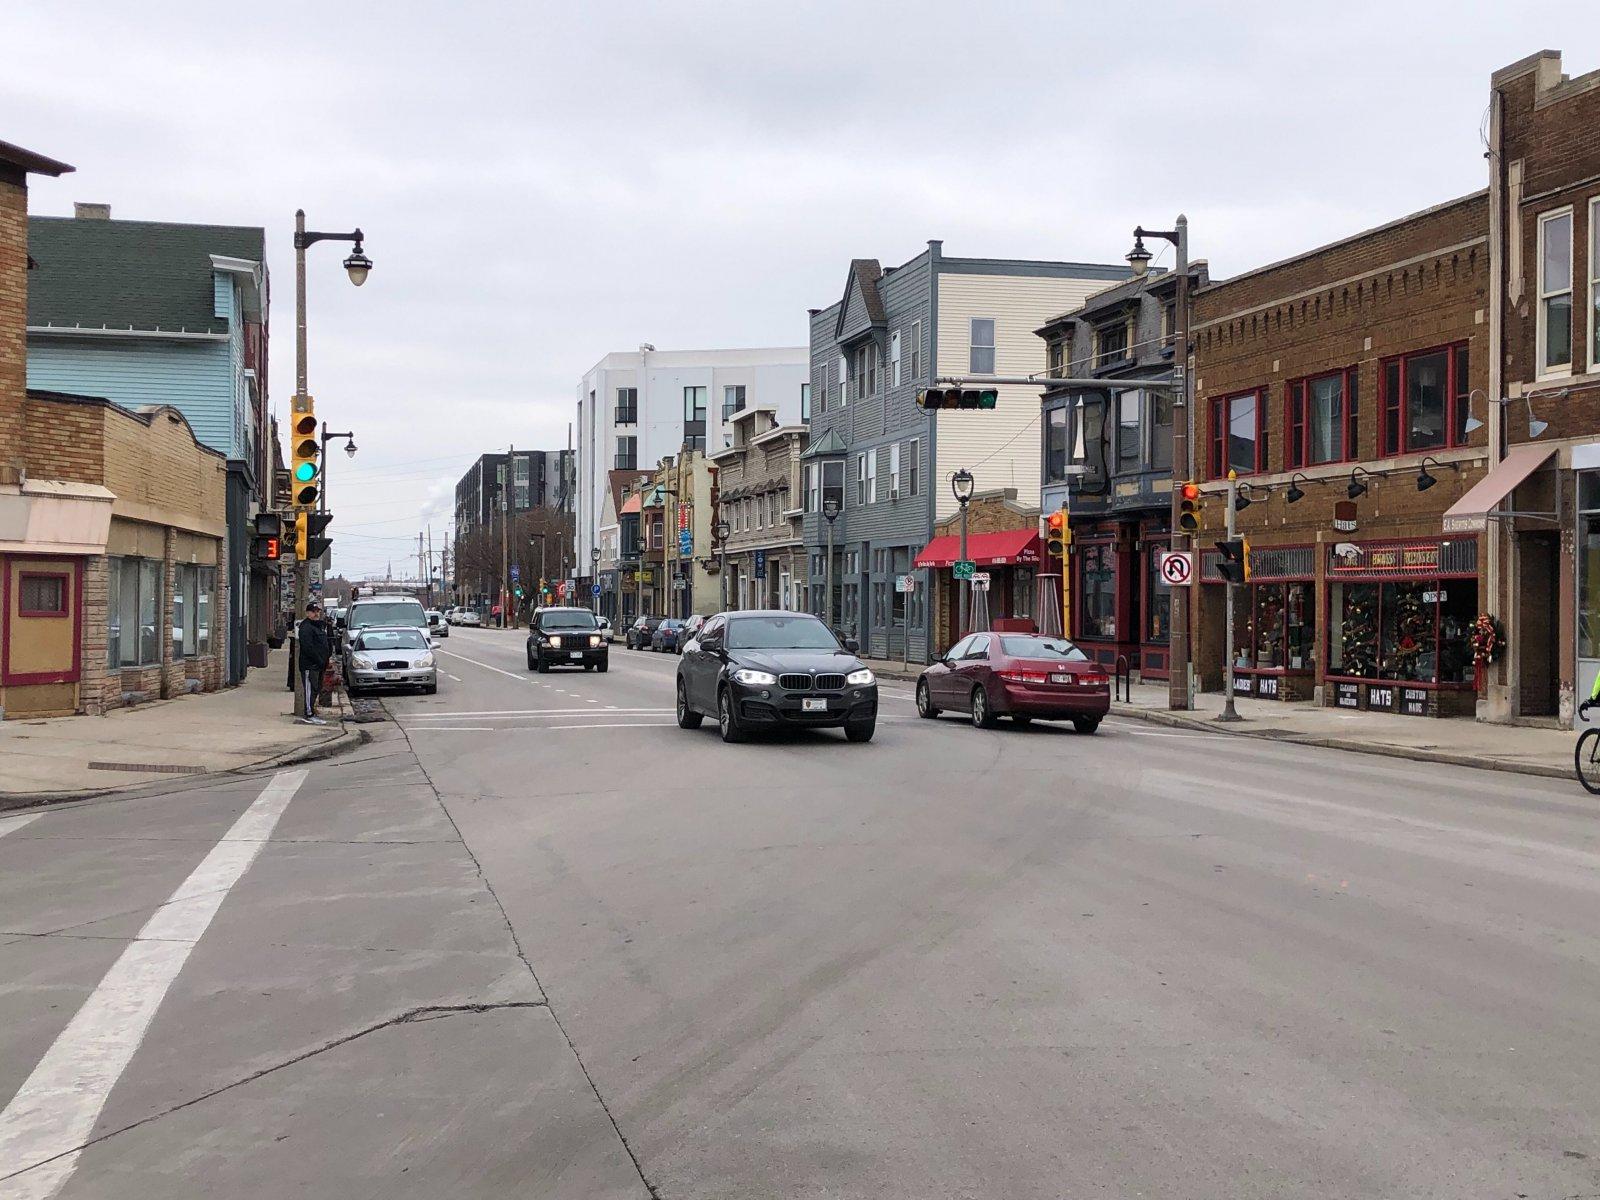 Kinnickinnic Ave with KinetiK